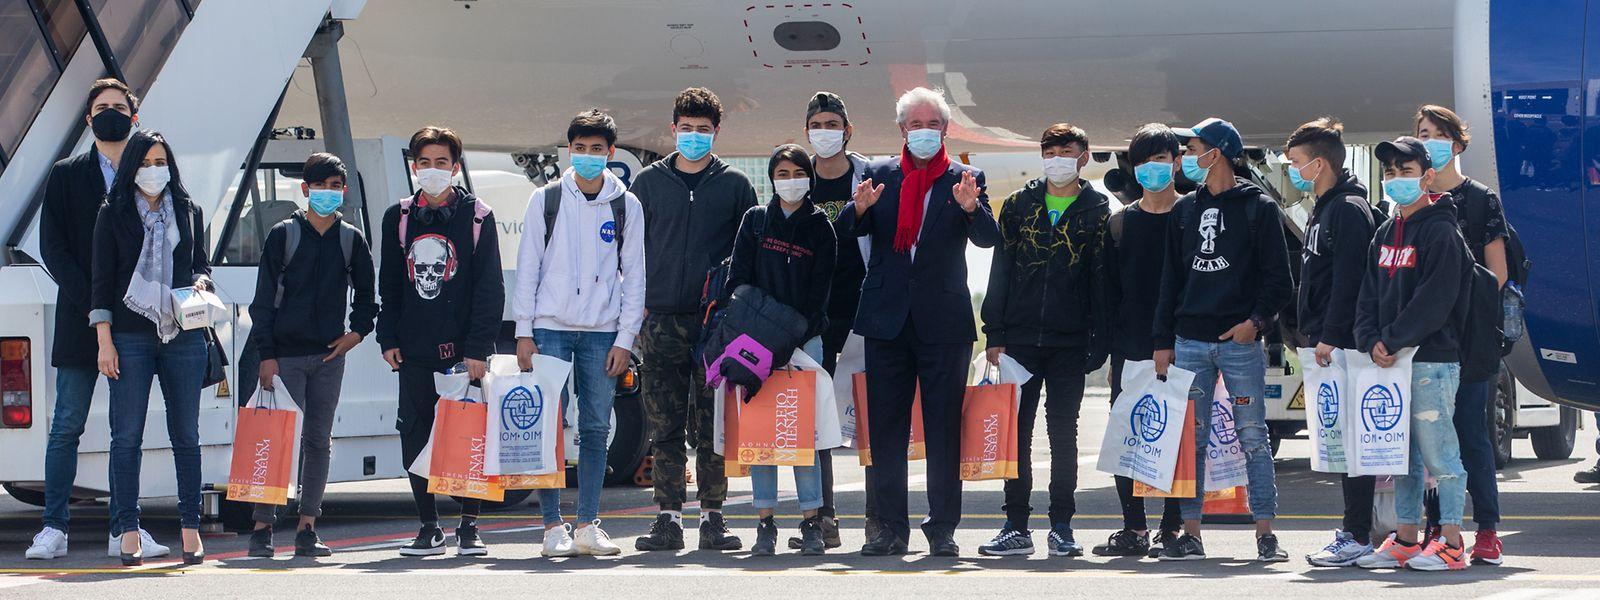 Die minderjährigen Flüchtlinge landeten kurz vor zwölf Uhr auf dem Flughafen Findel.